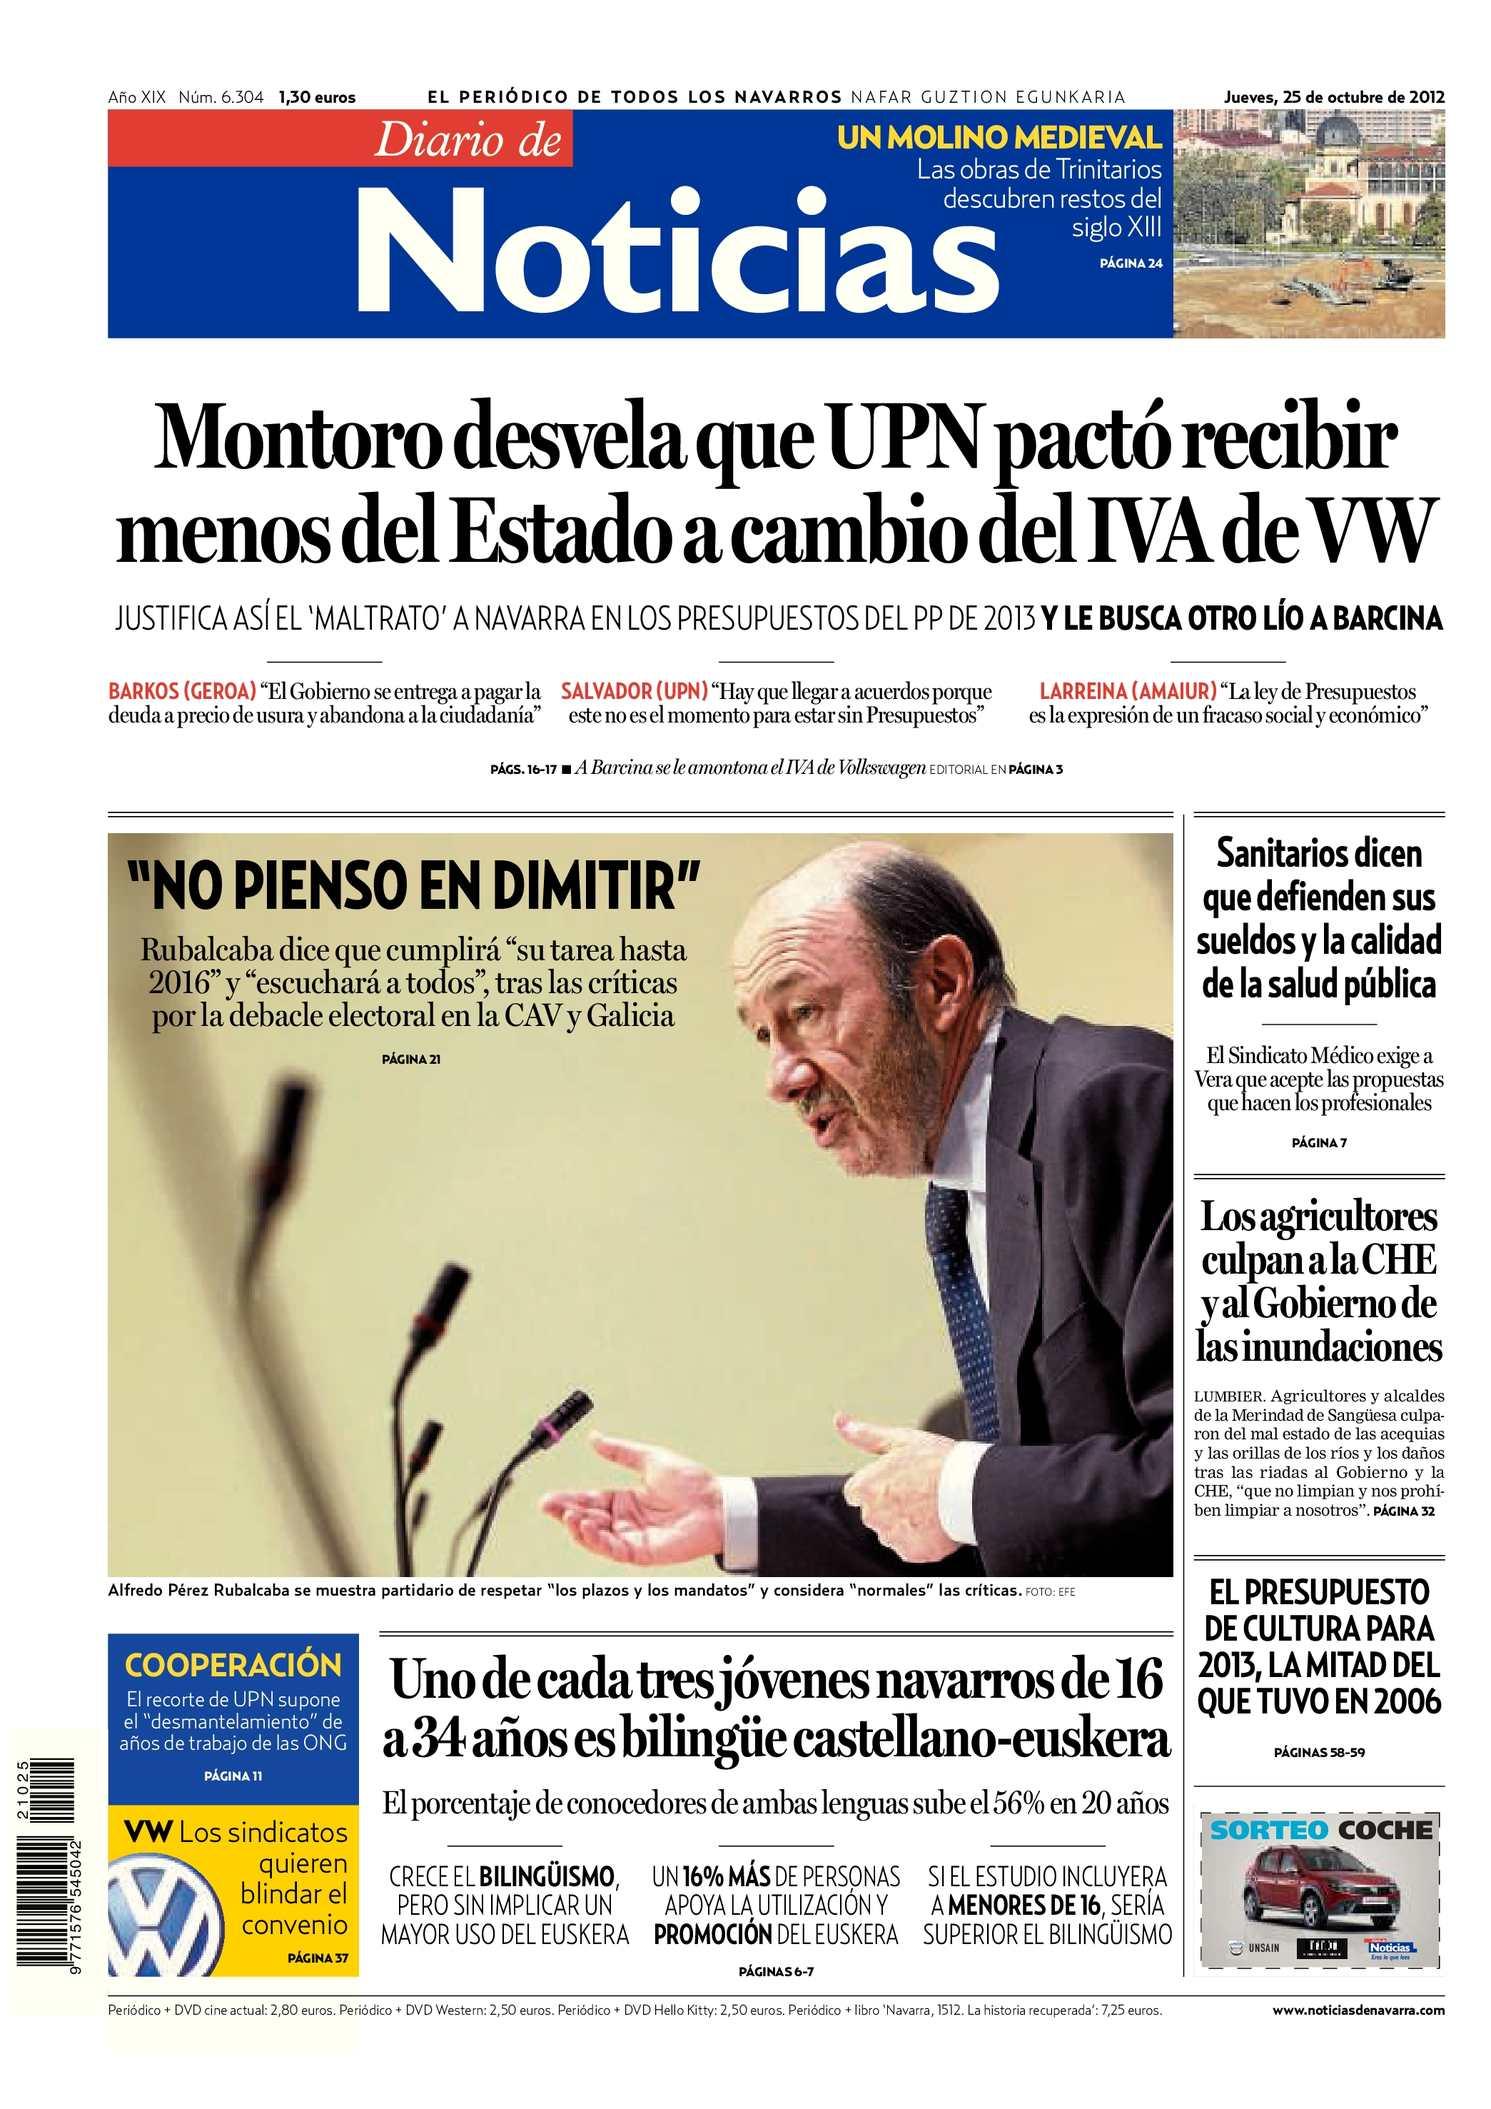 Calaméo - Diario de Noticias 20121025